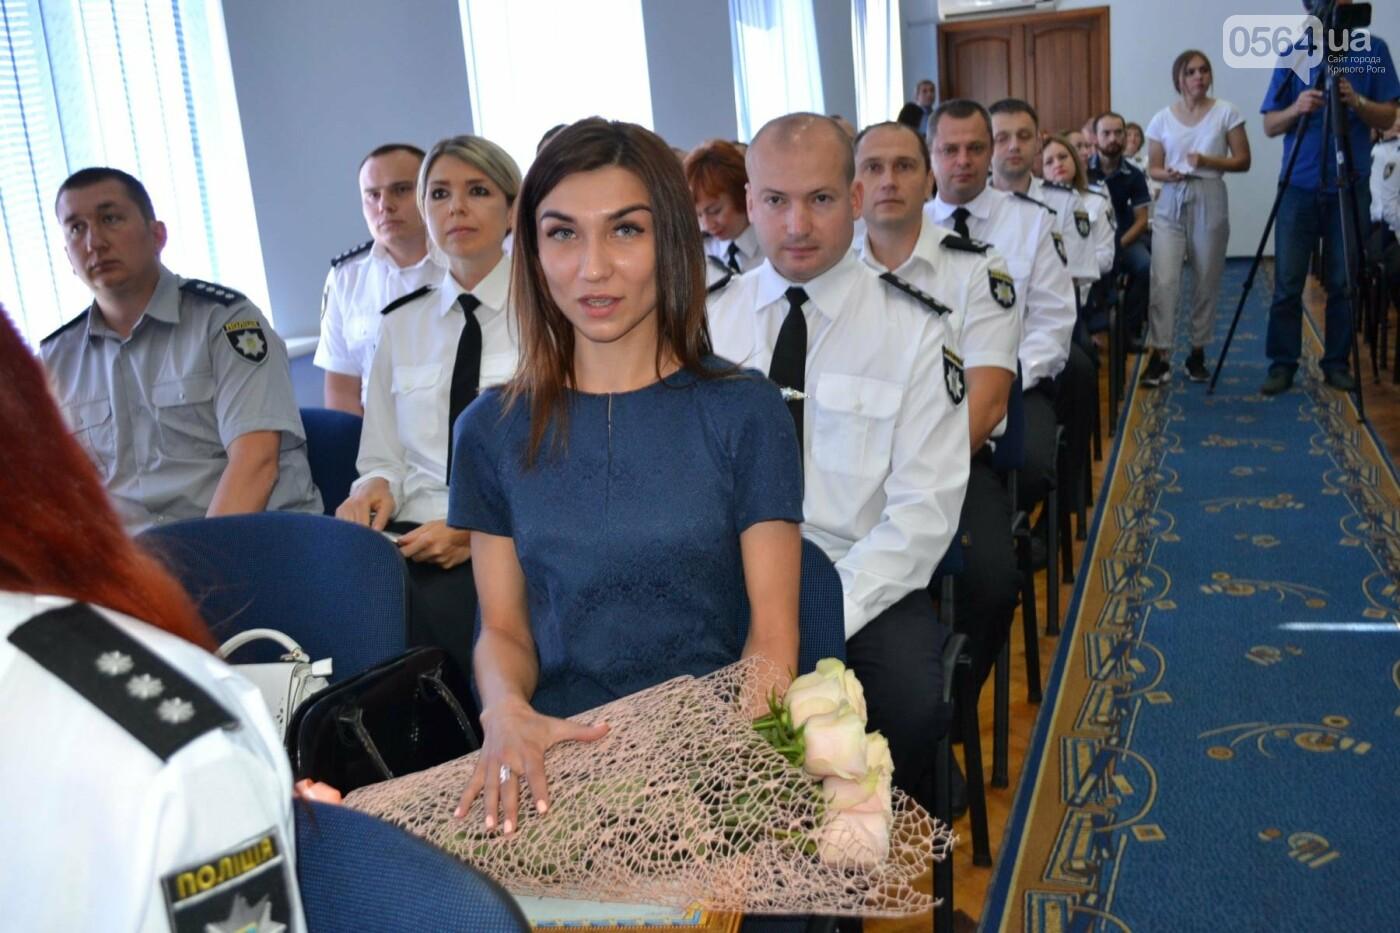 """В полиции поблагодарили девушку, ставшую """"наживкой"""" для задержания """"криворожского маньяка"""", - ФОТО , фото-1"""